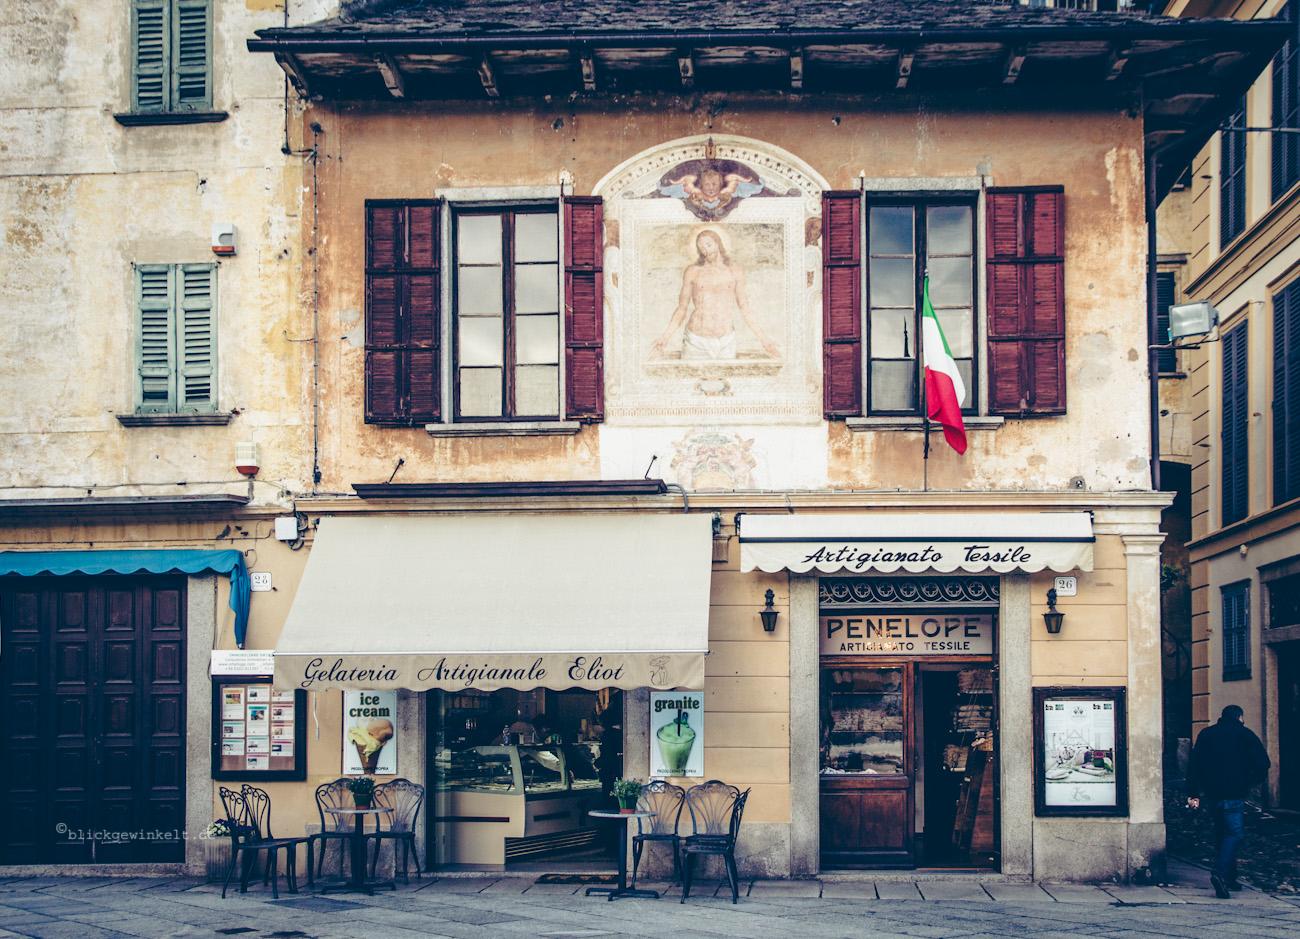 Gelateria, Italien